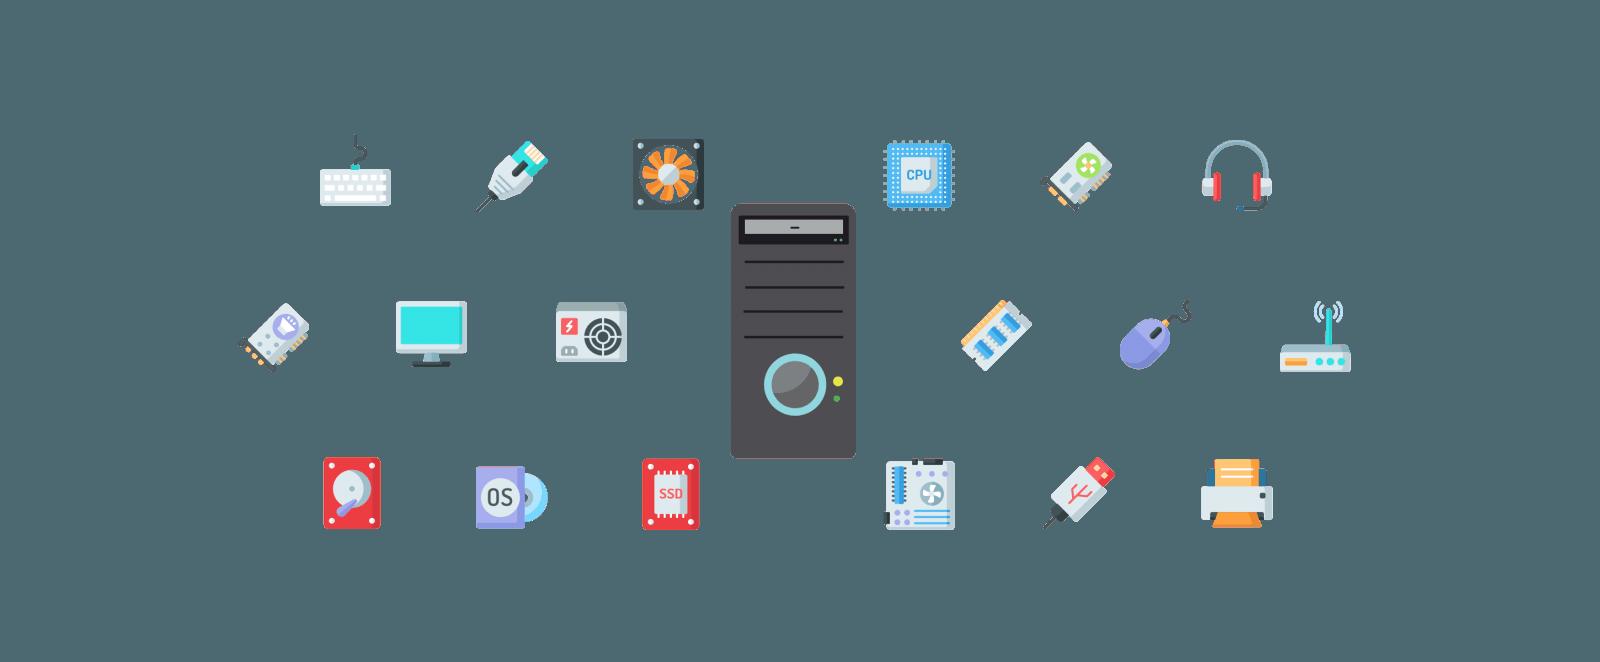 serwis komputerów, serwis, informatyk, naprawa komputerów